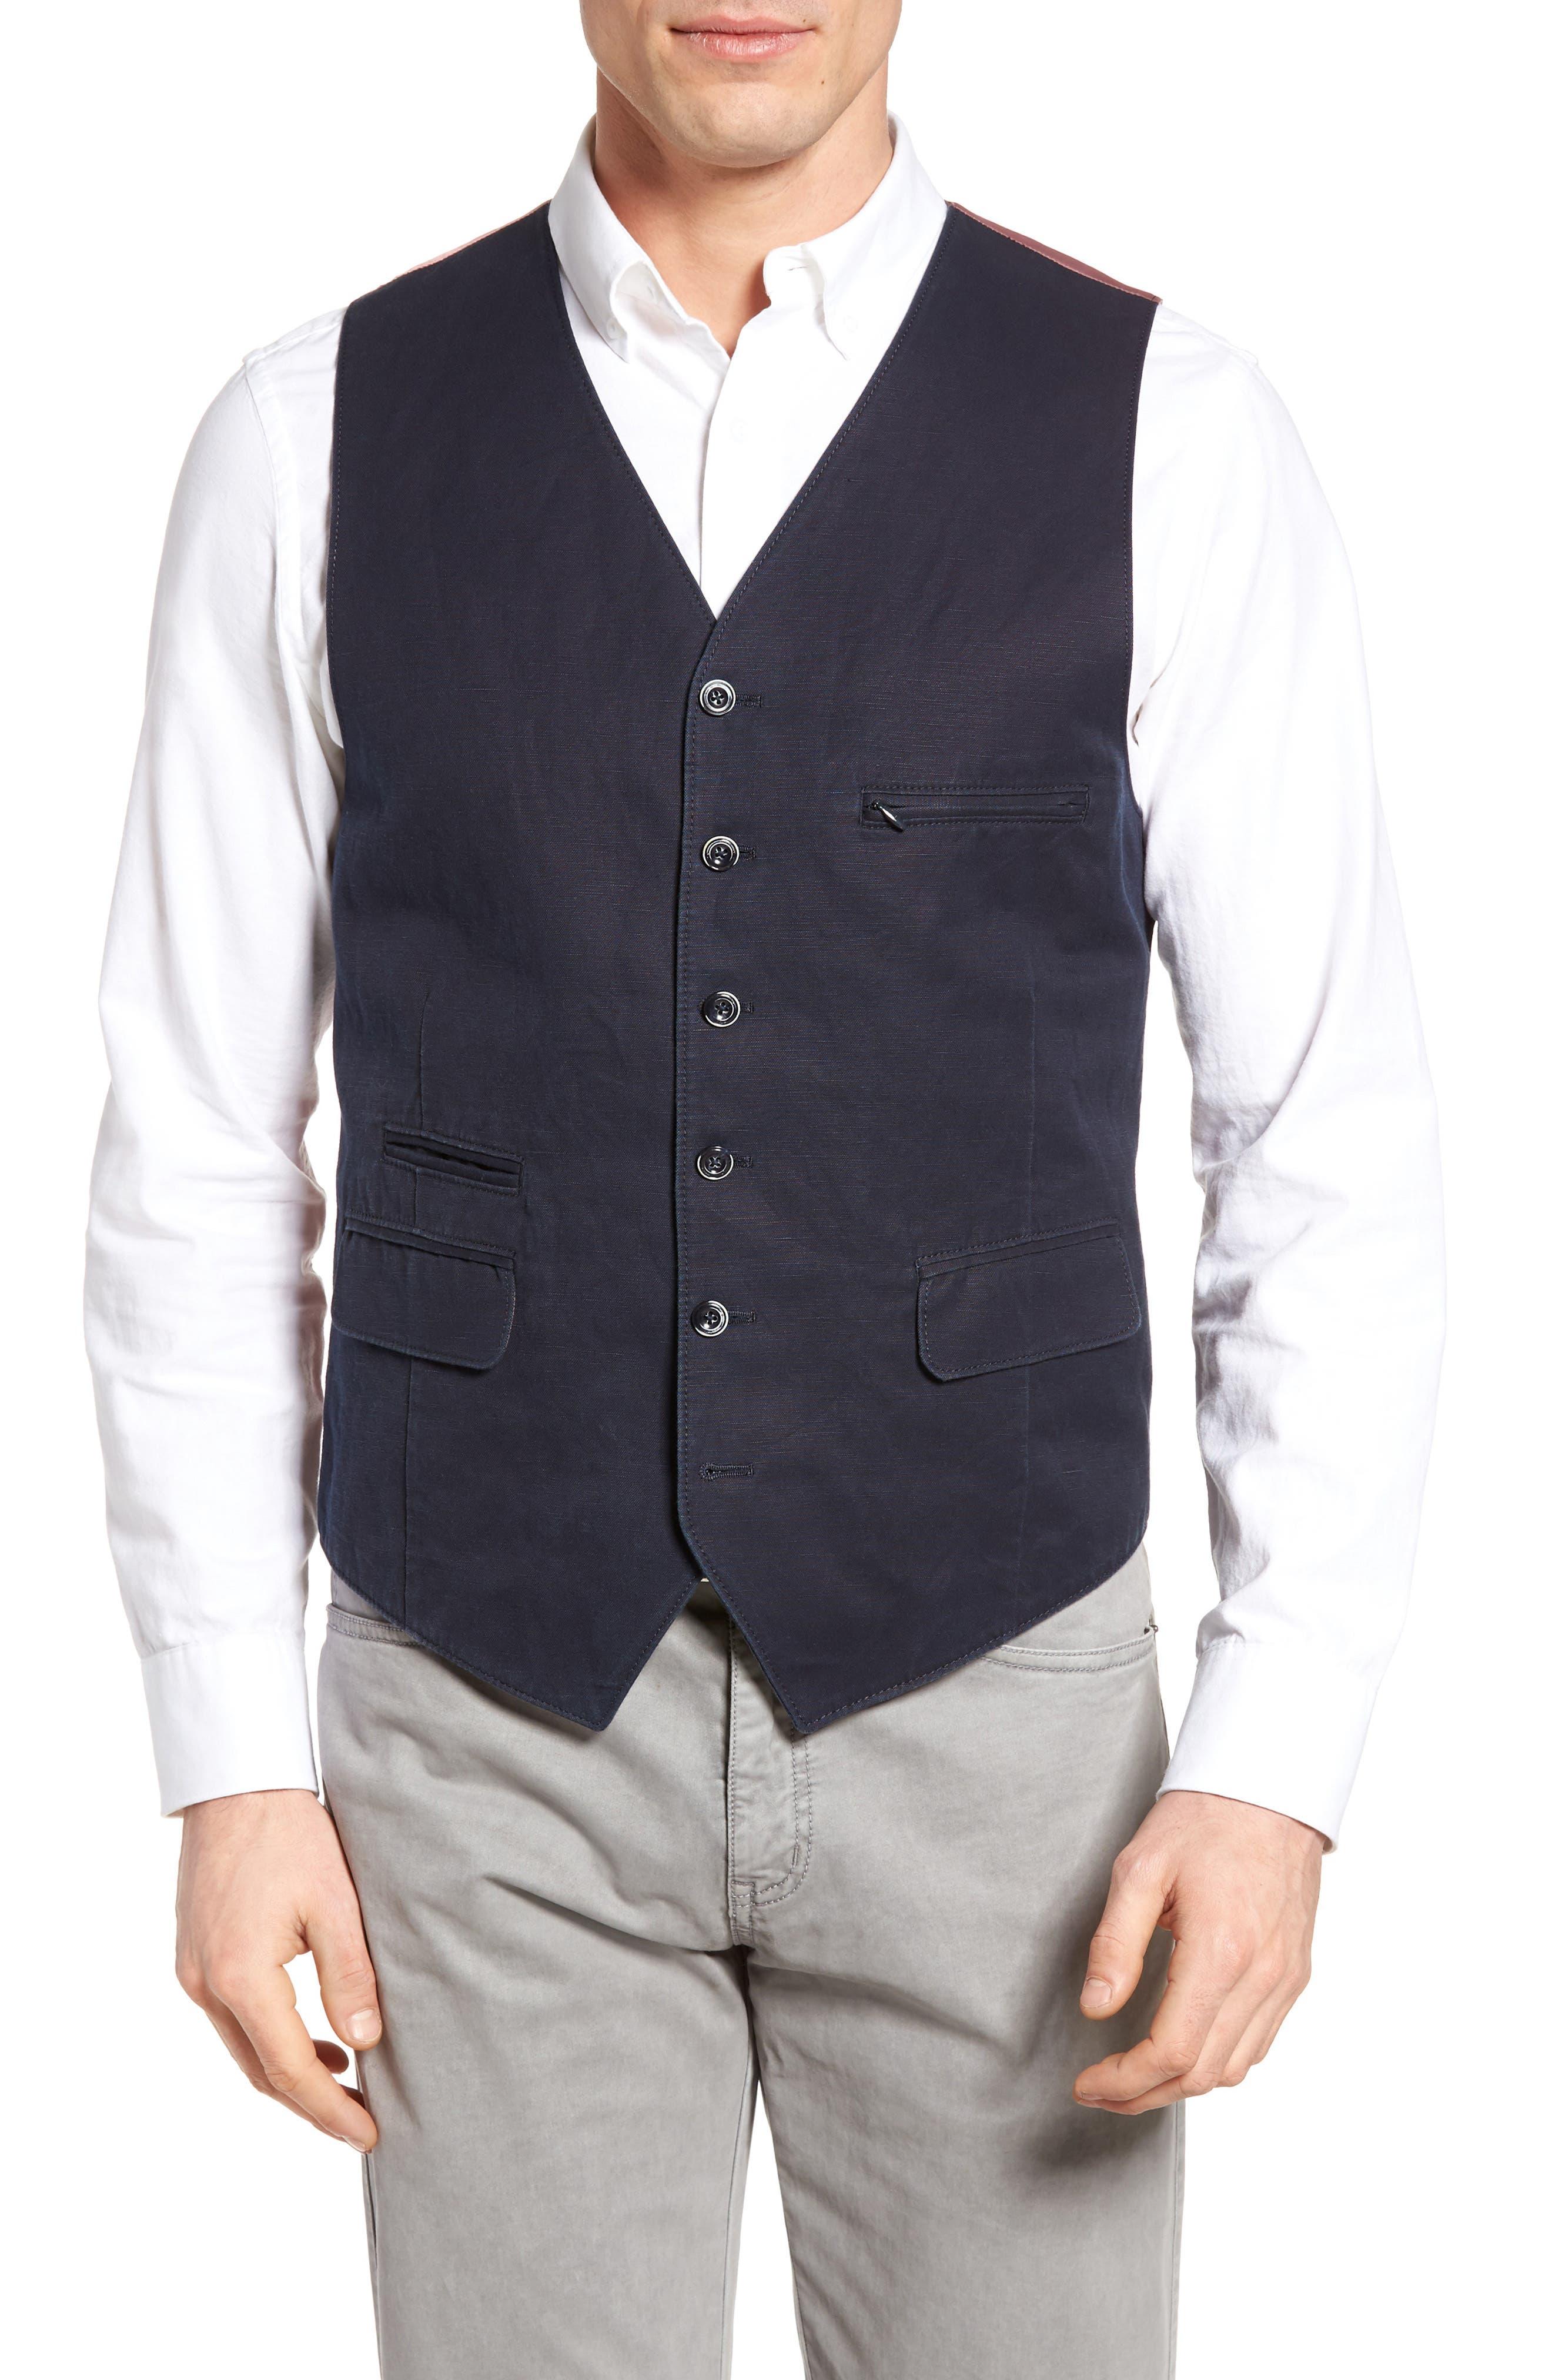 Kroon Hootie Solid Cotton & Linen Vest